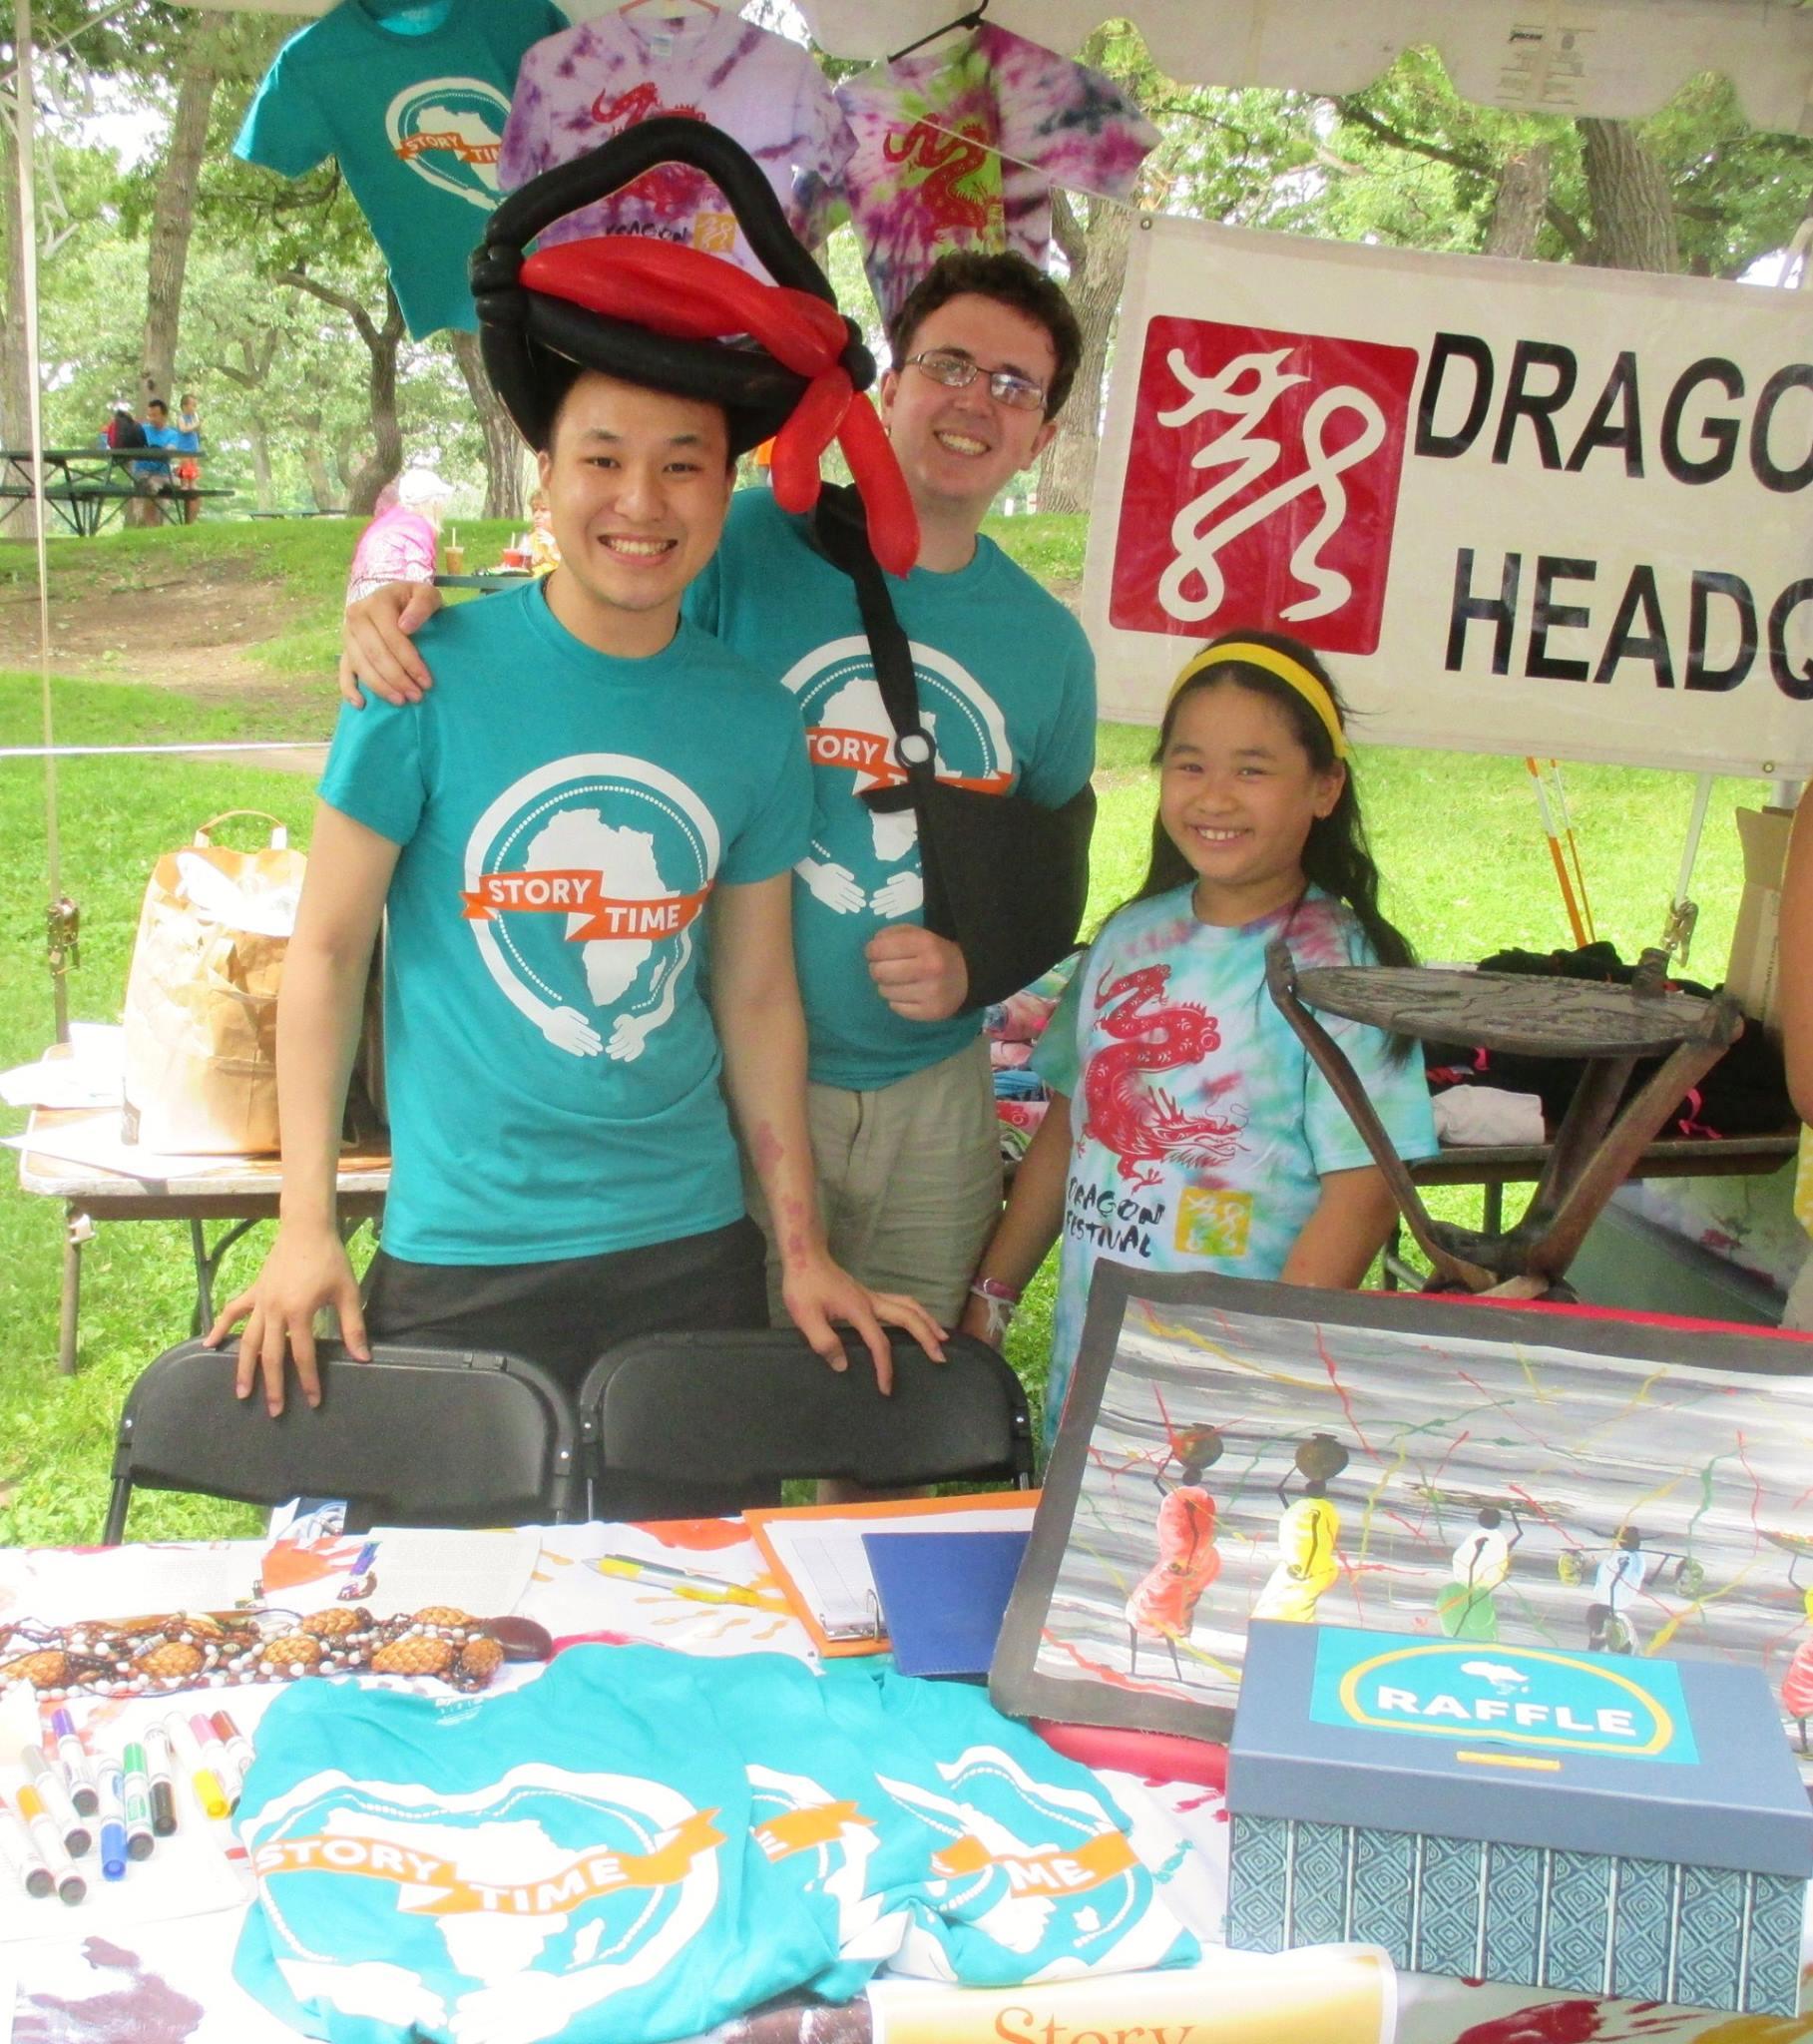 dragonfestphoto2.jpg